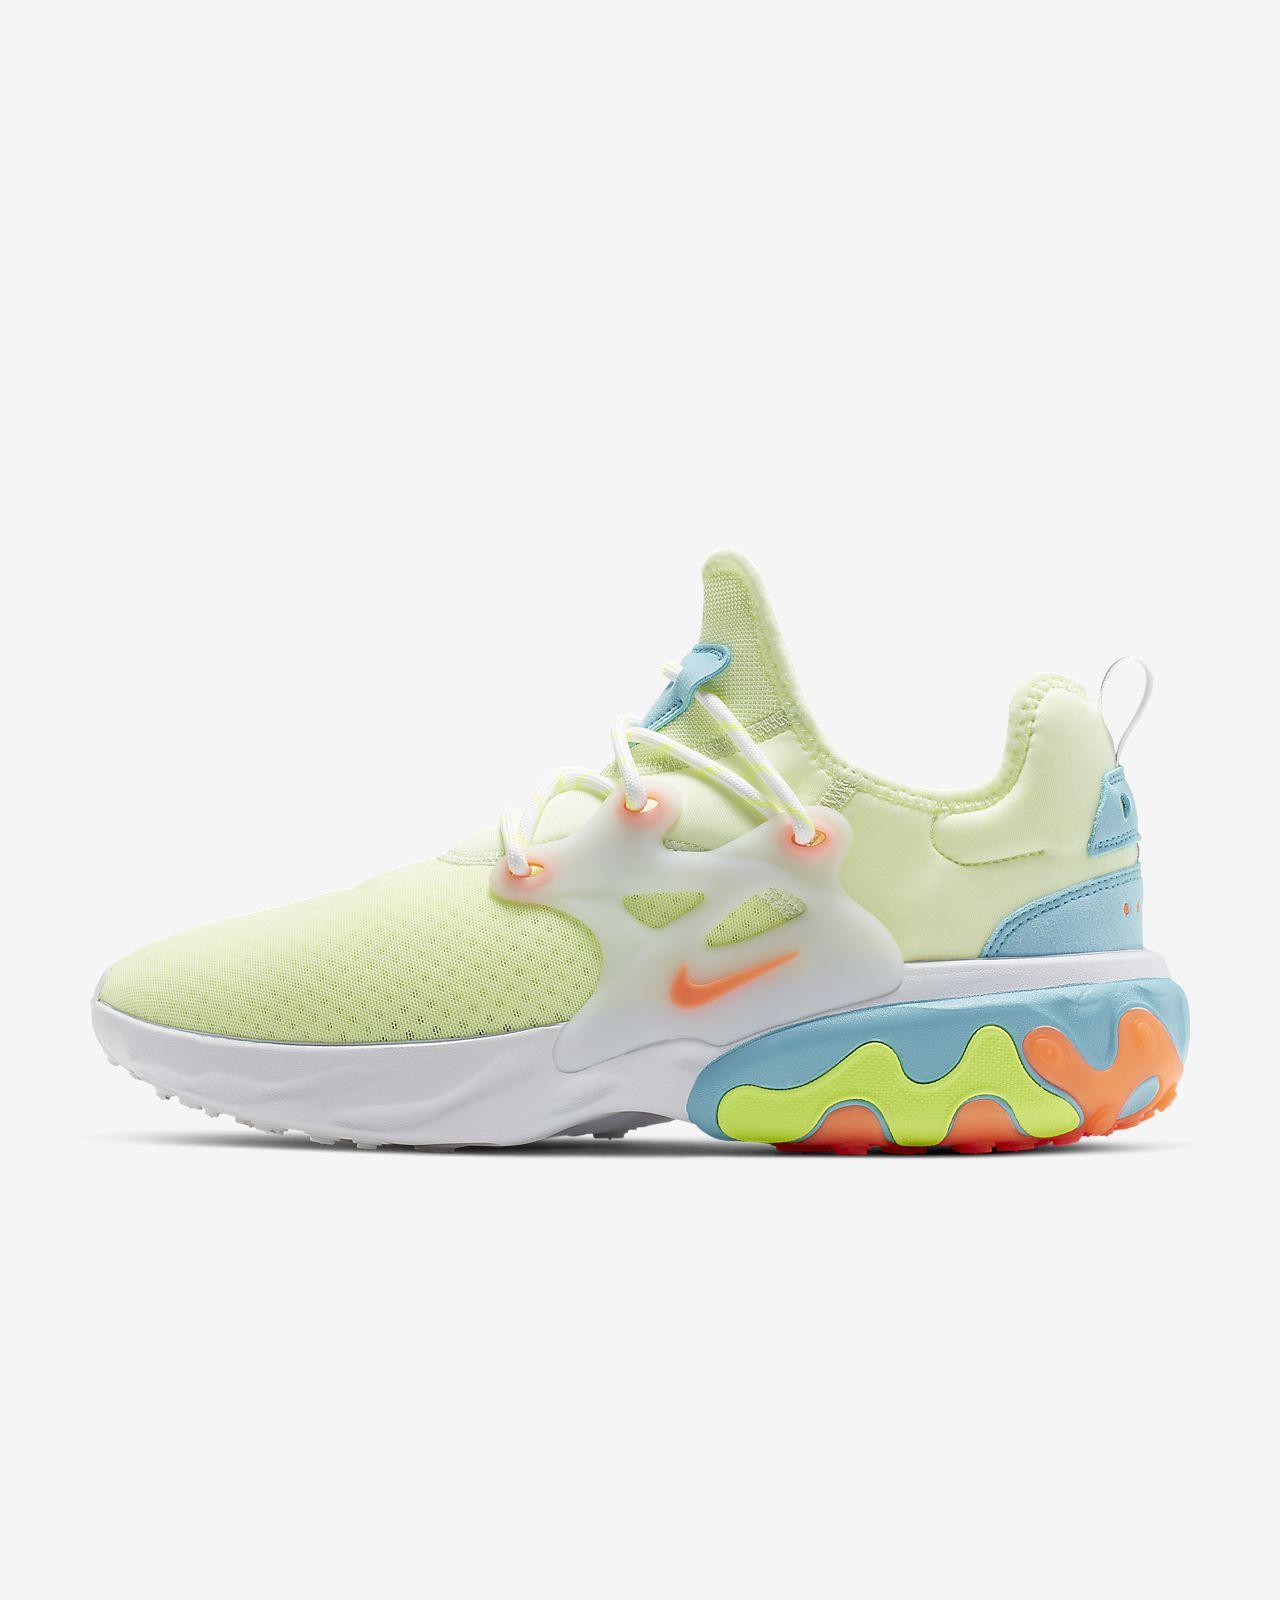 Nike React Presto 男子运动鞋